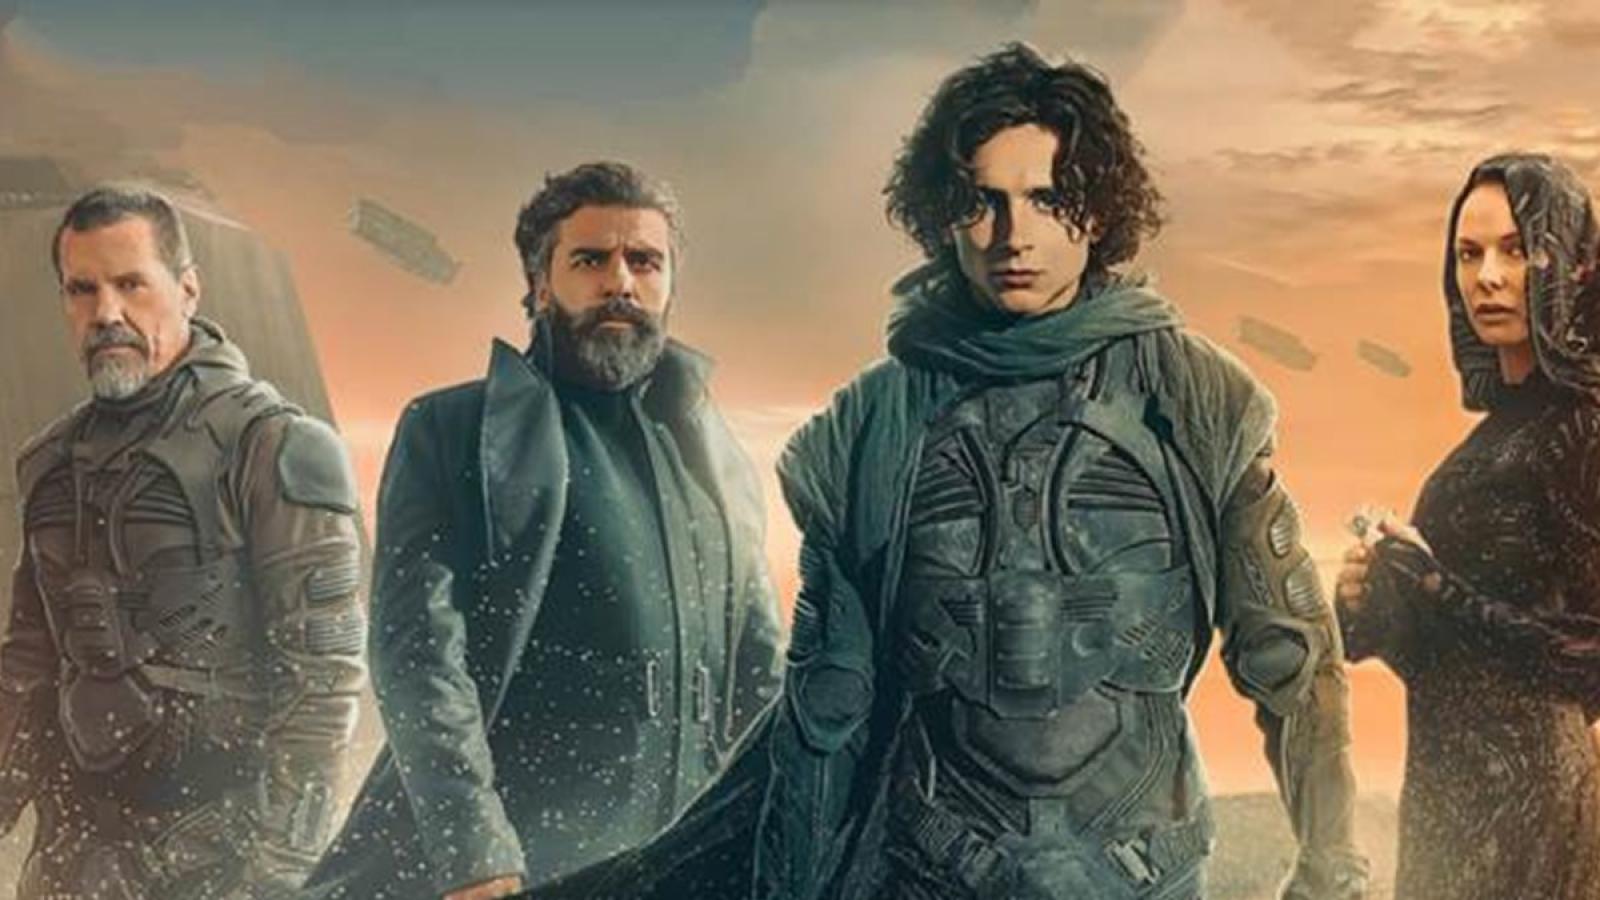 """Bom tấn viễn tưởng """"Dune"""" nhận loạt đánh giá tích cực từ LHP Venice"""